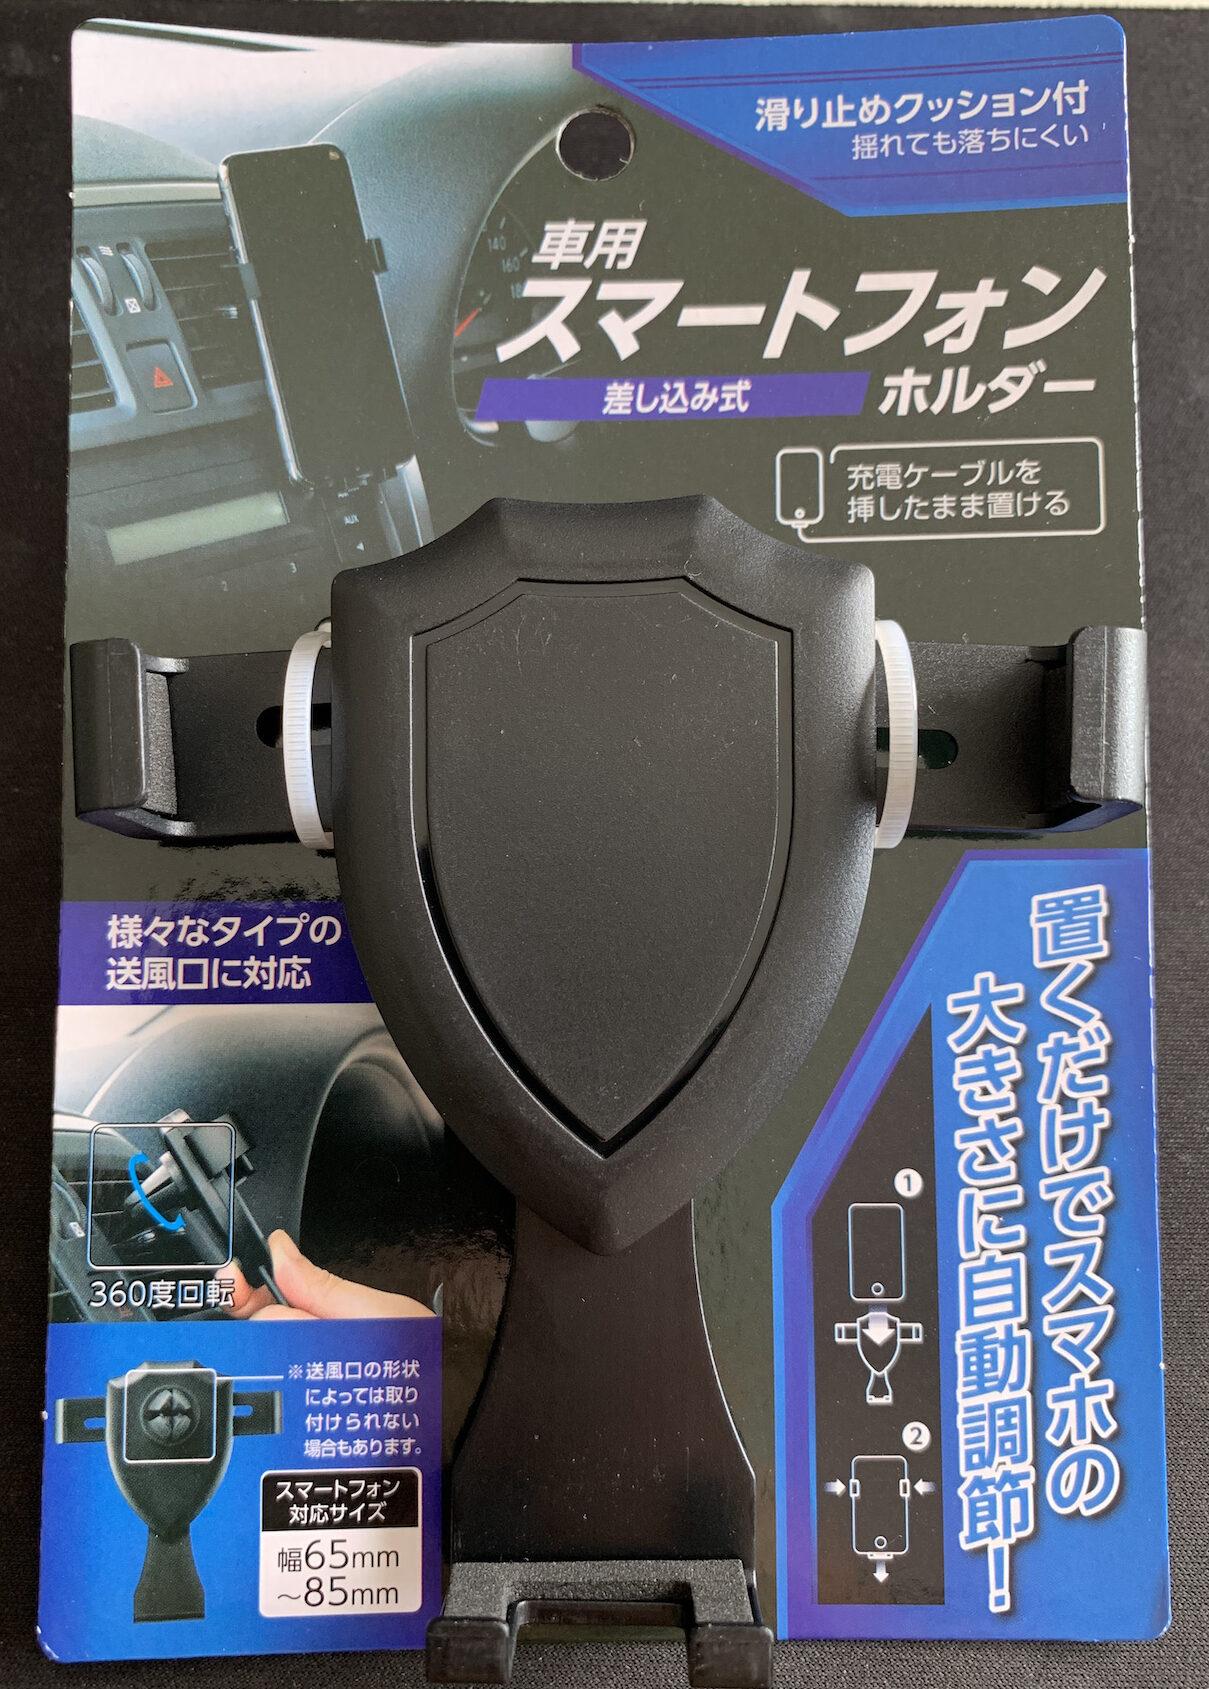 【レビュー】ダイソーの車用スマートフォンホルダーを買ってみた